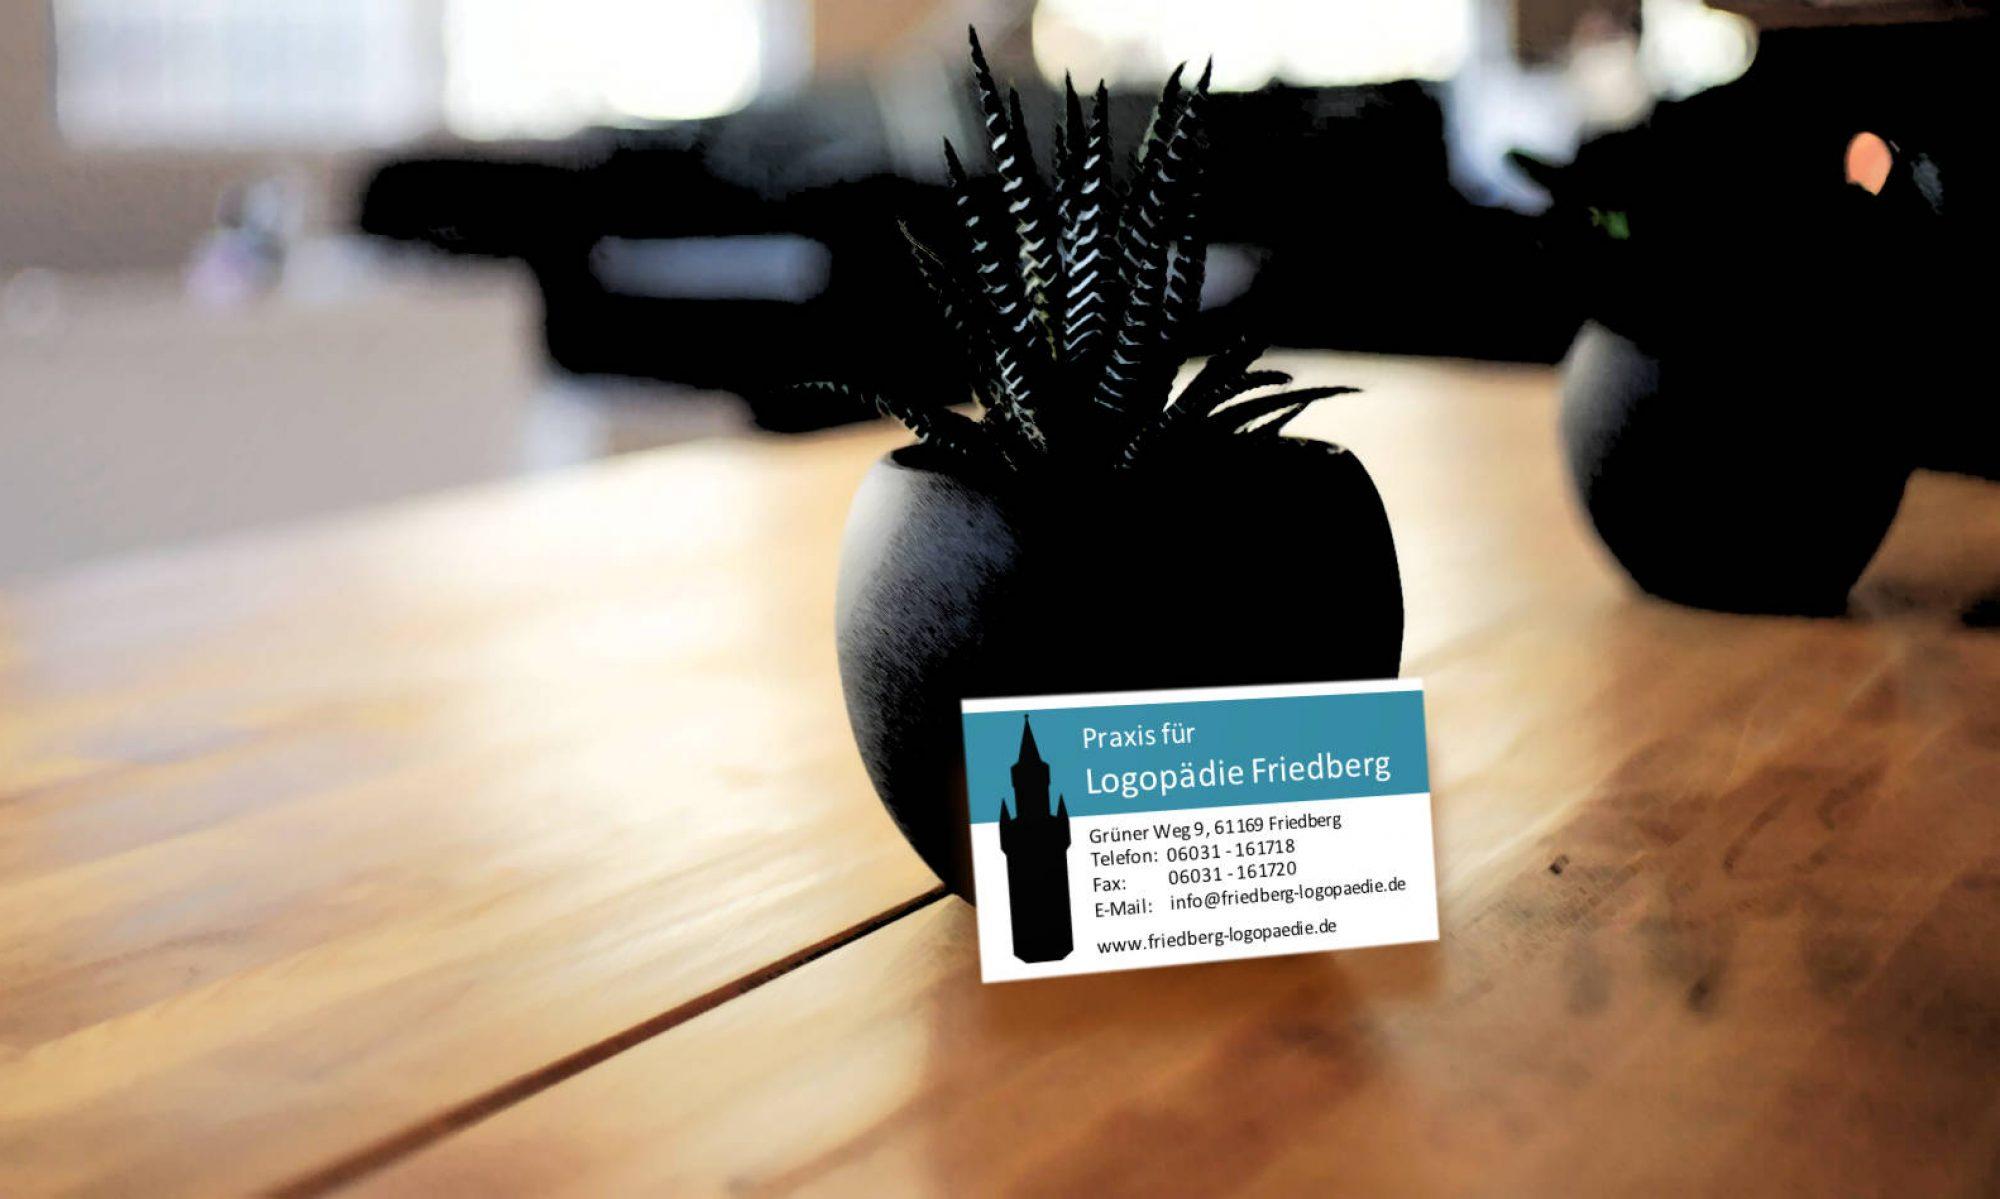 Praxis für Logopädie Friedberg